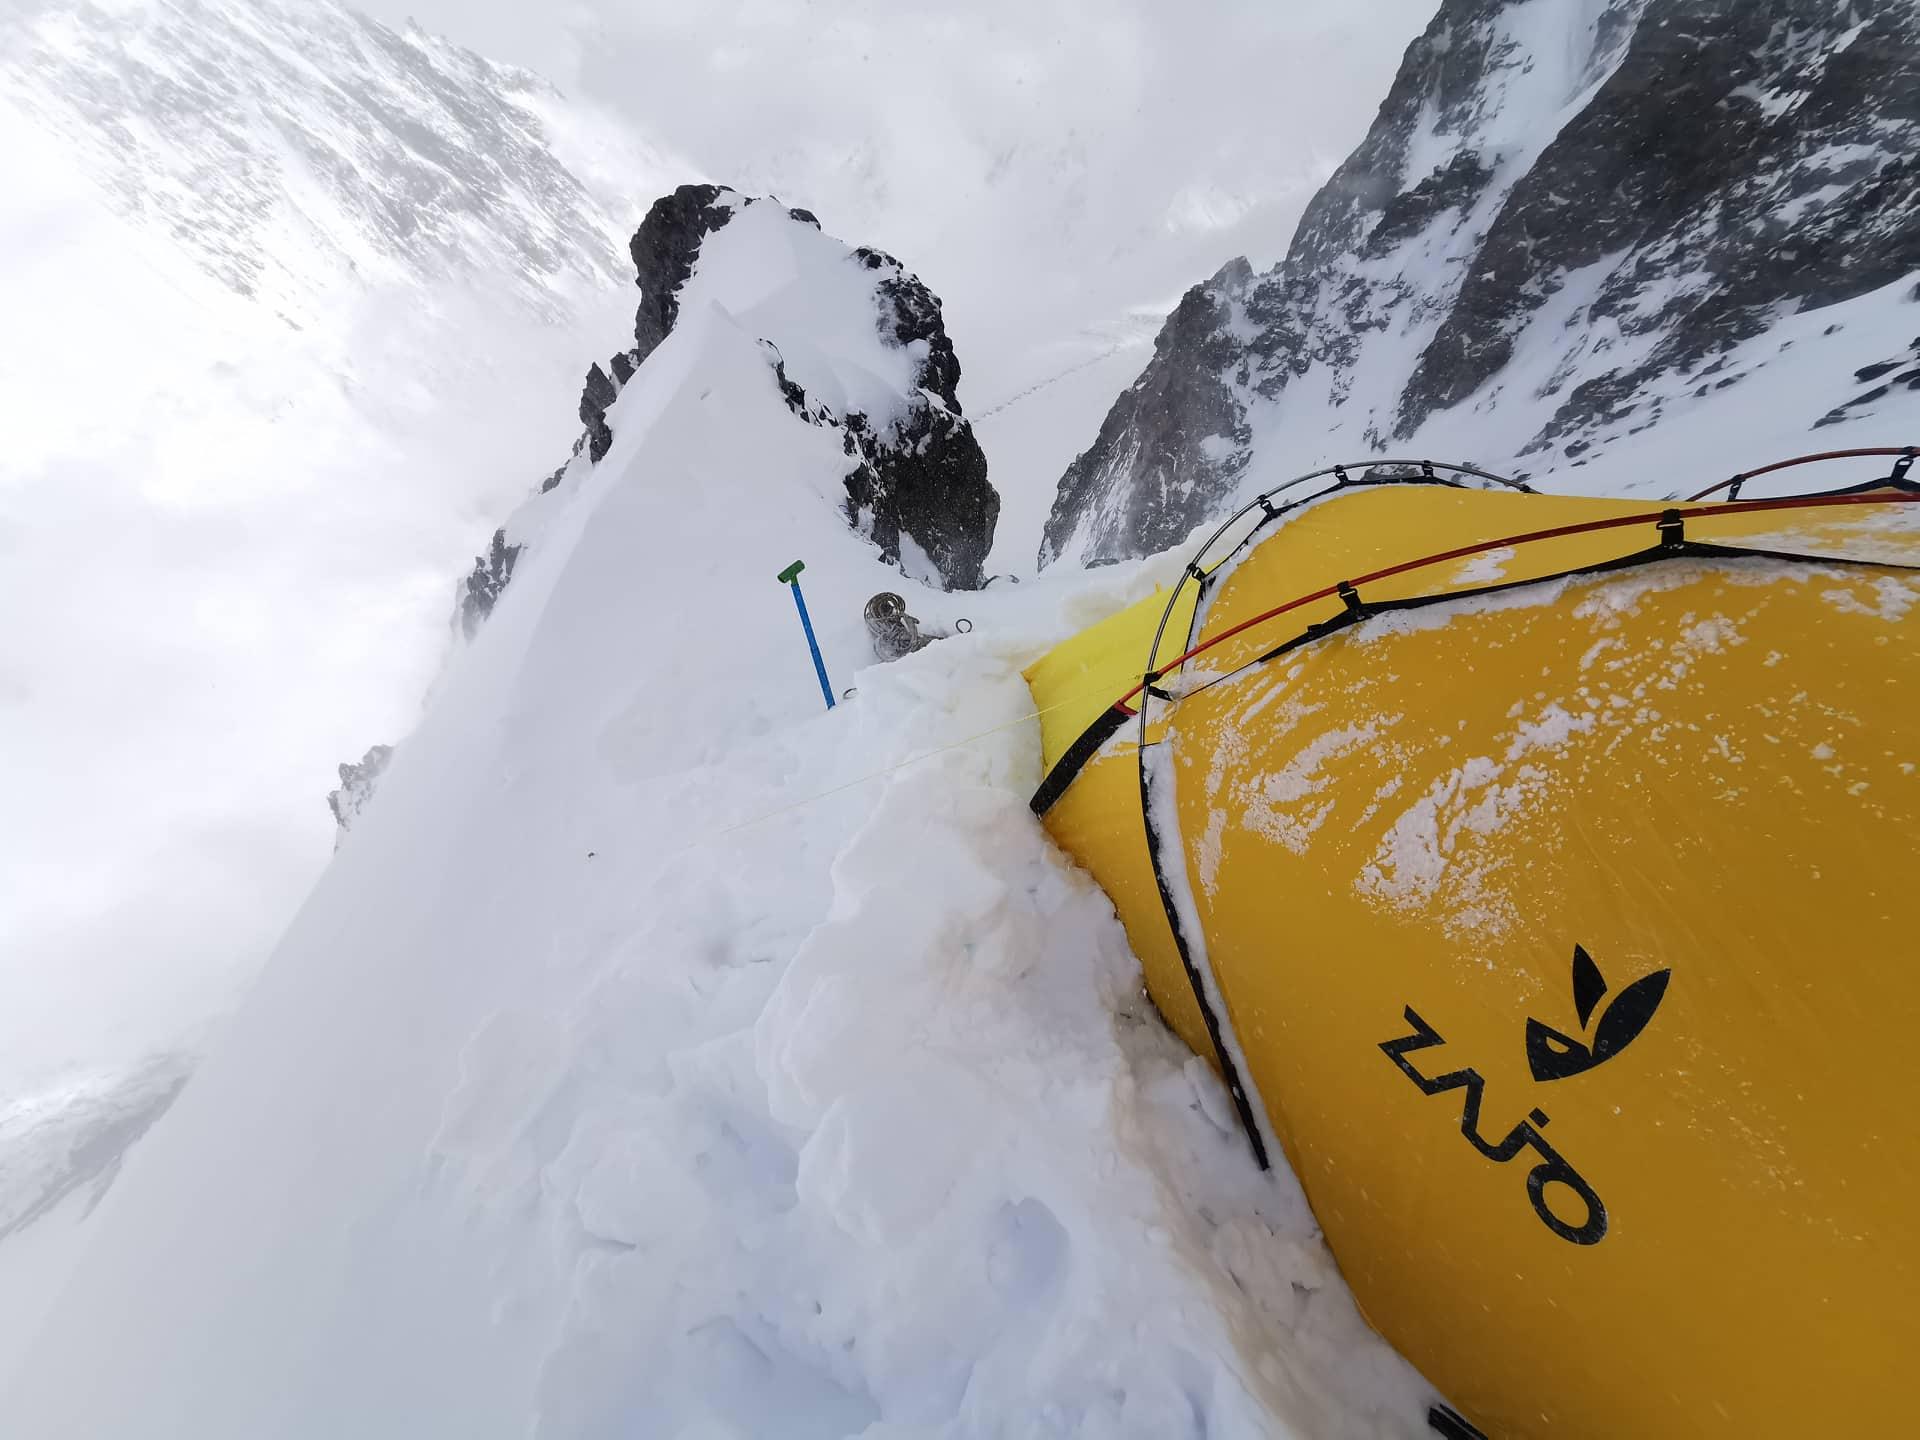 A Sasfészek: Szilárdék sátra az 1-es táborban, 6000 méteren Forrás: Magyar K2 expedíció 2019